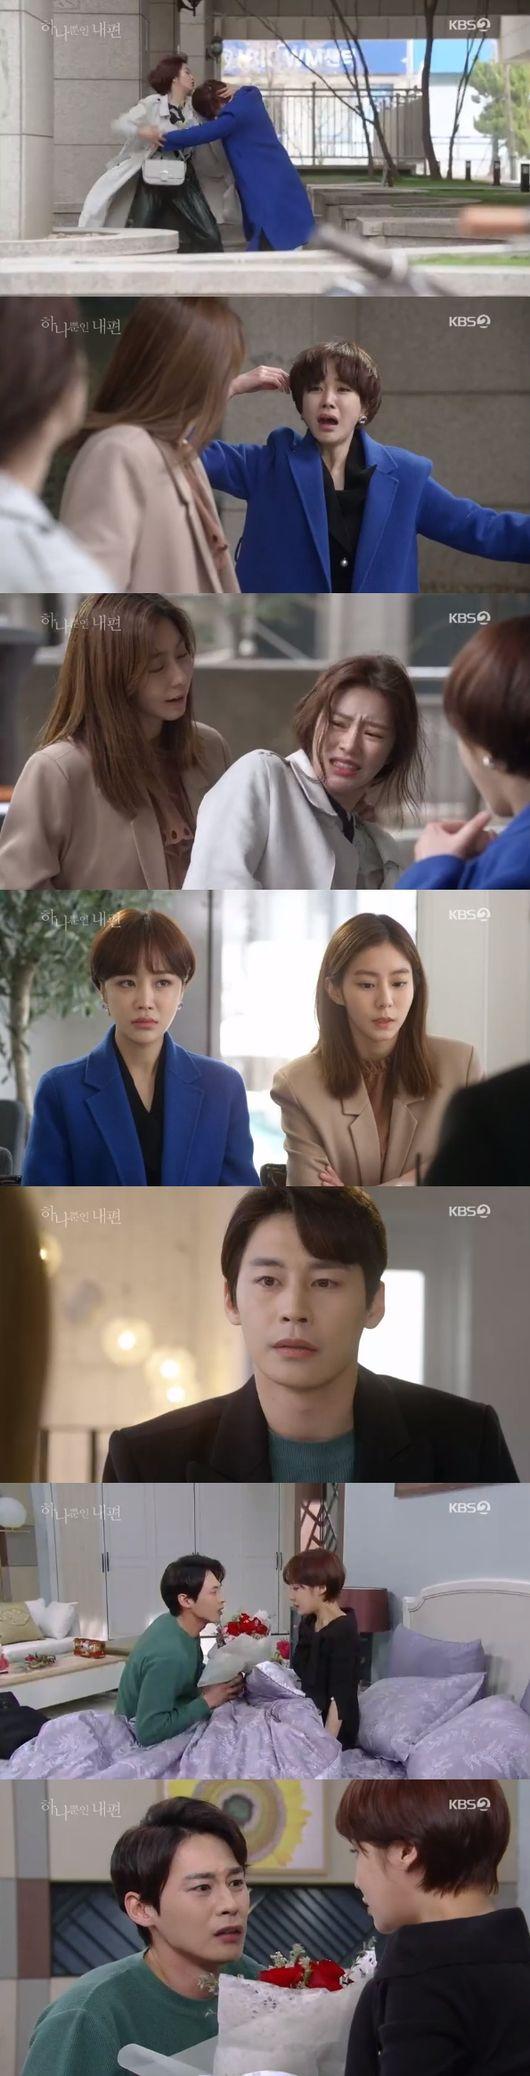 '하나뿐인 내편' 윤진이, 이혼 포기→남편 정은우 불륜 용서했다